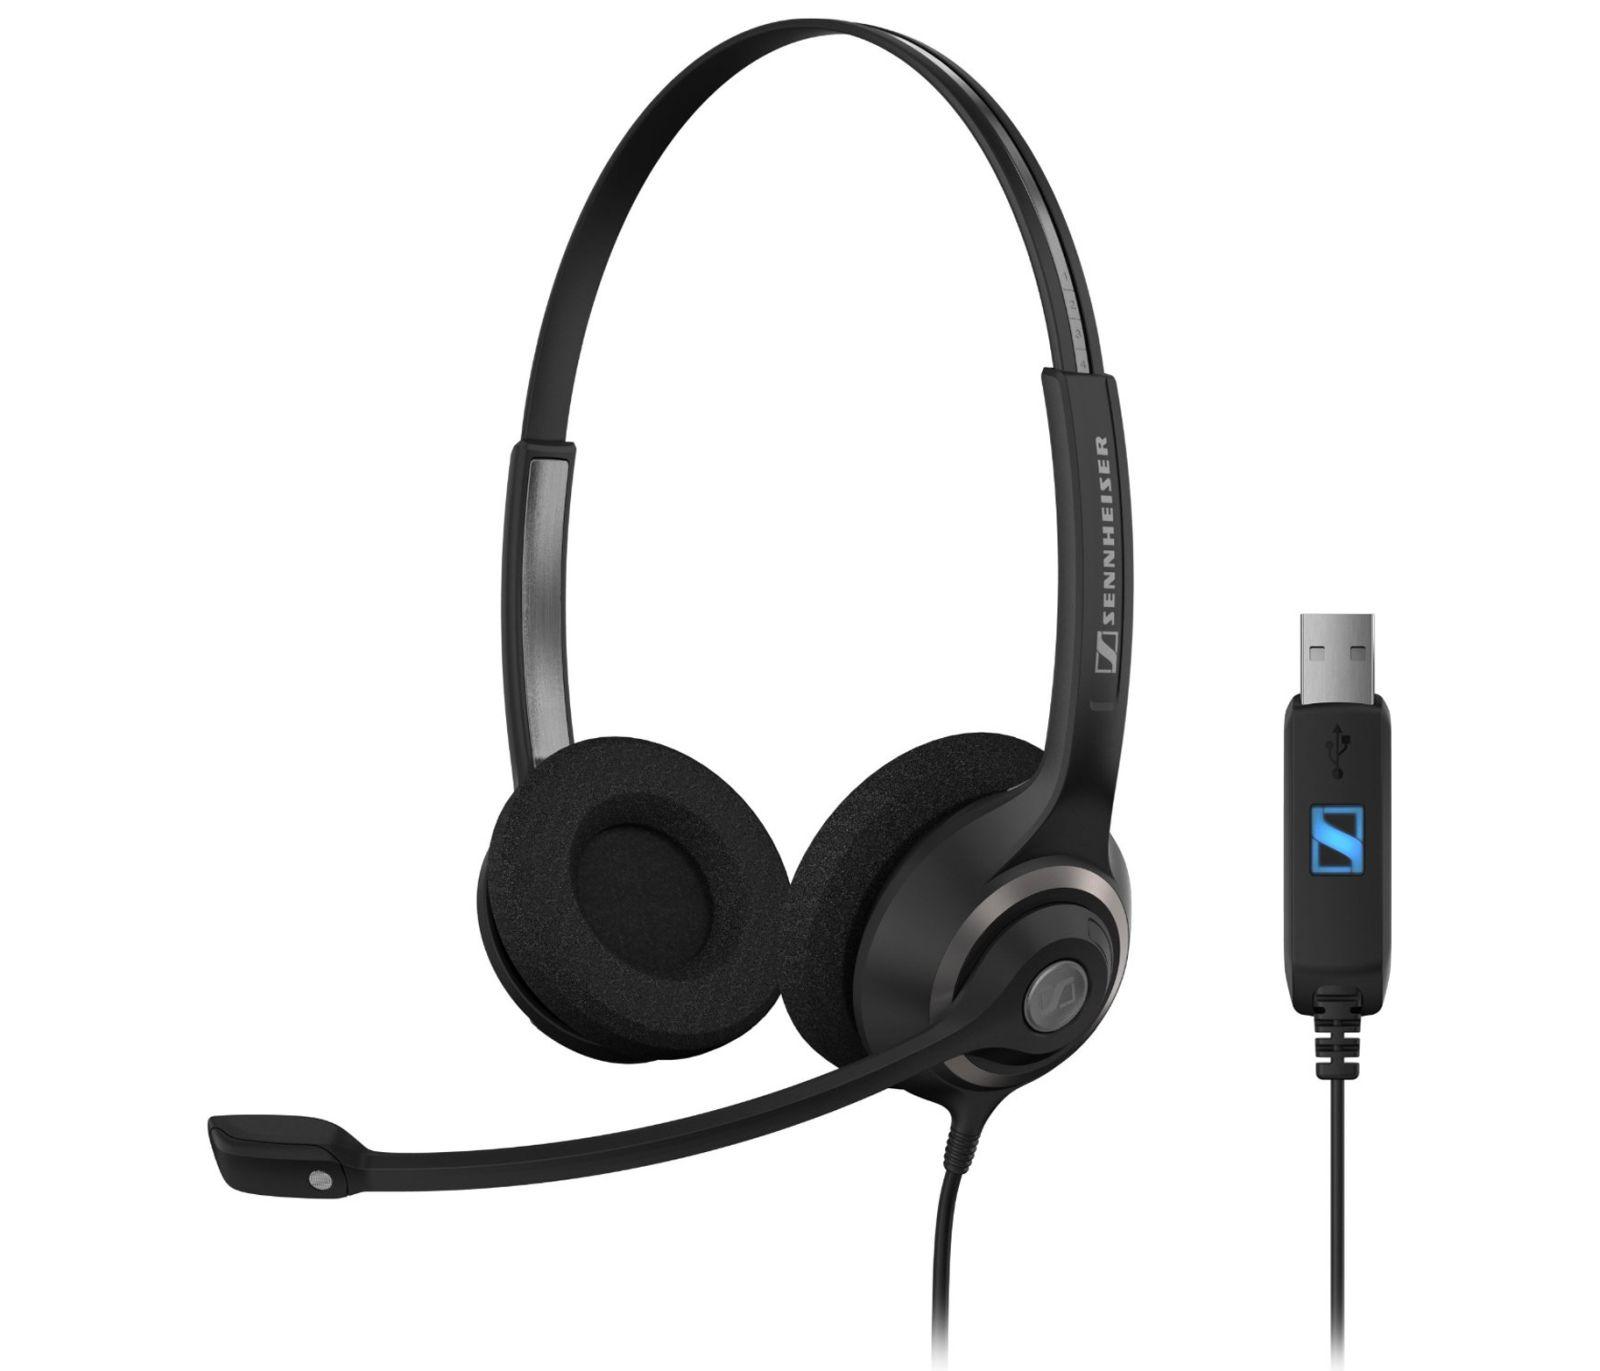 Image of Sennheiser SC 260 USB Corded Headset for PC